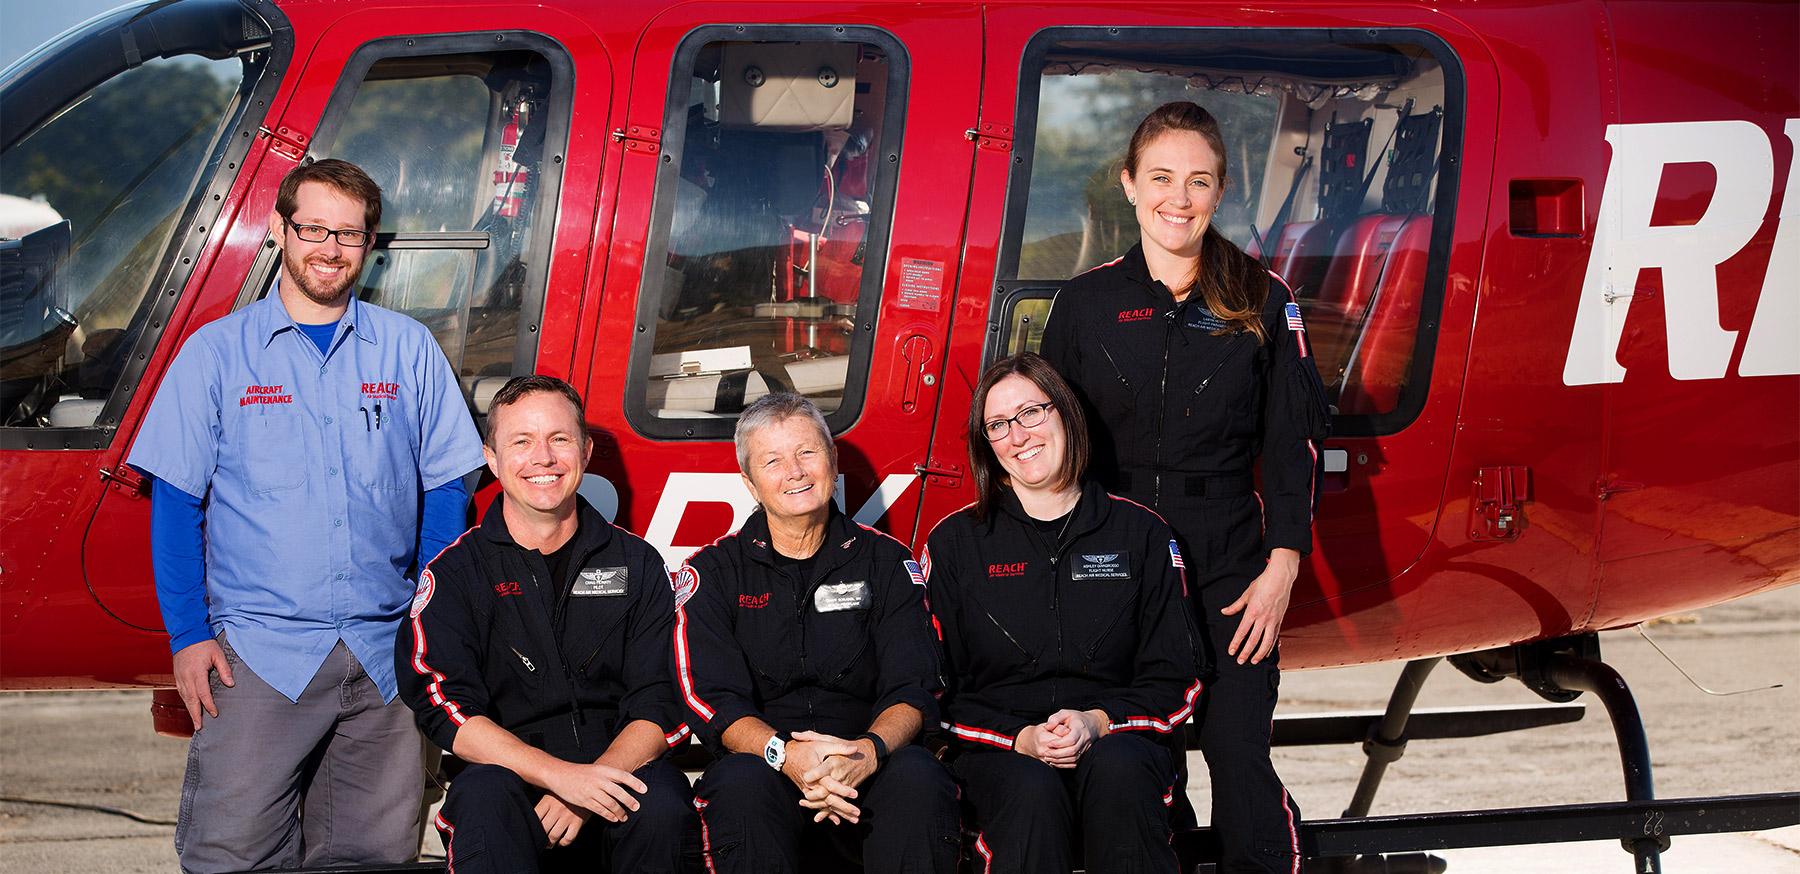 Reach Air Medical | Redding Health Expo, Redding CA Health and Wellness Show